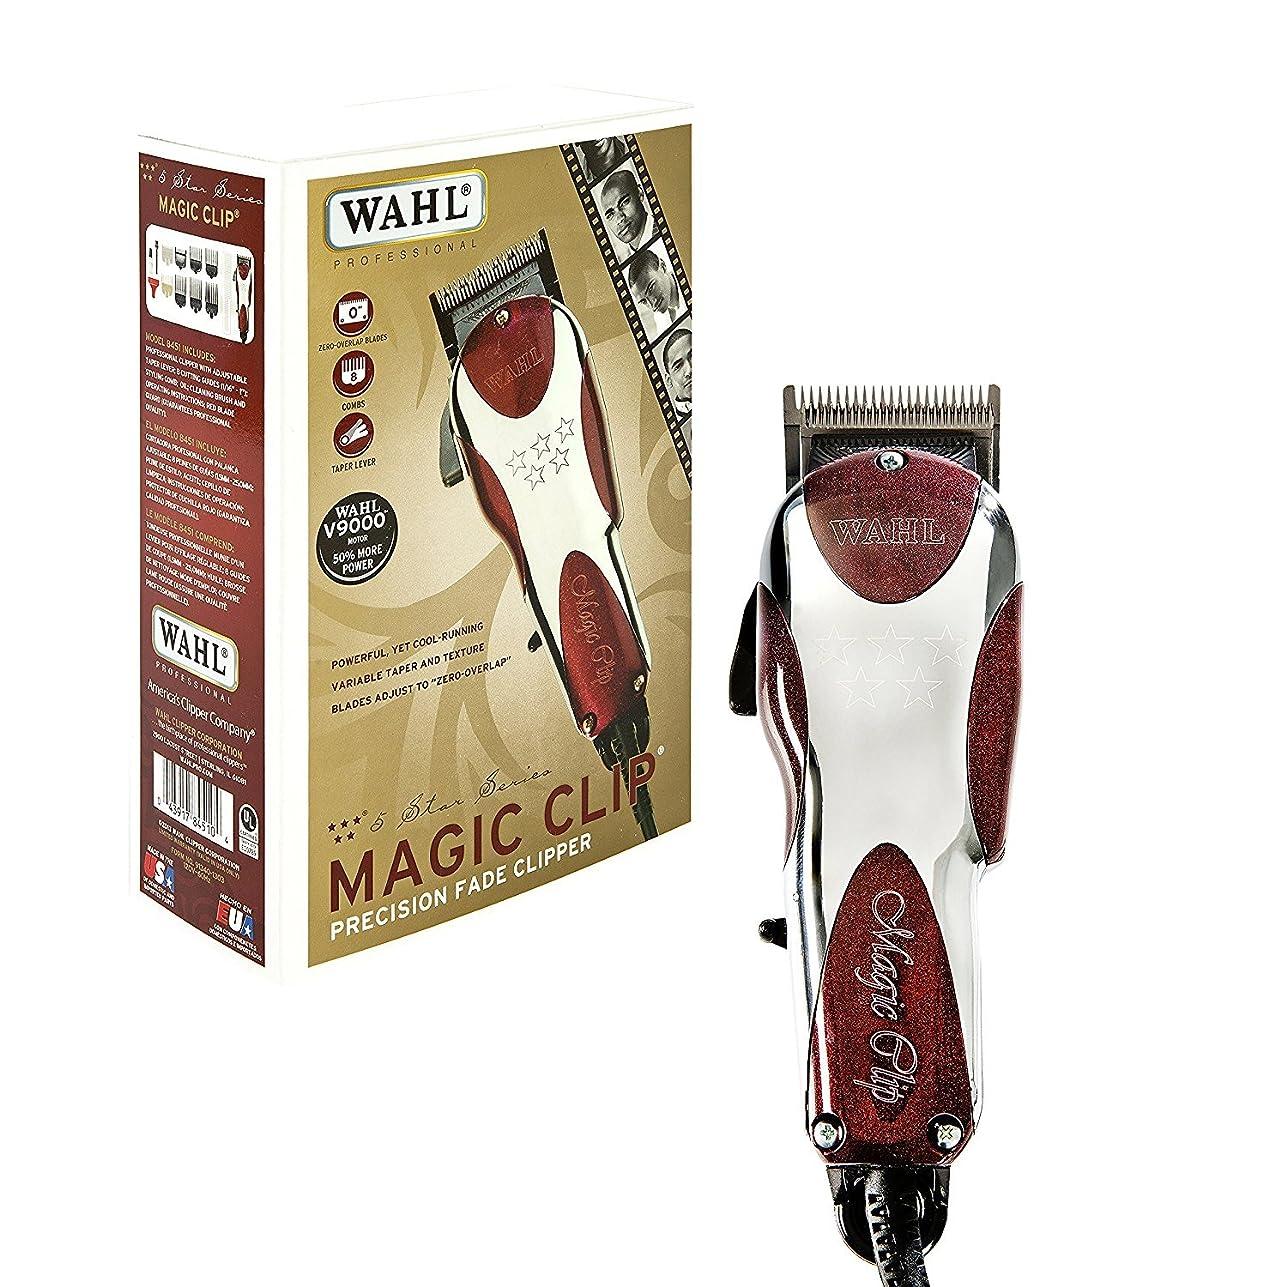 ワーカーストリップ君主制Wahl Professional 5-Star Magic Clip #8451 – Great for Barbers and Stylists – Precision Fade Clipper with Zero Overlap Adjustable Blades (並行輸入品)